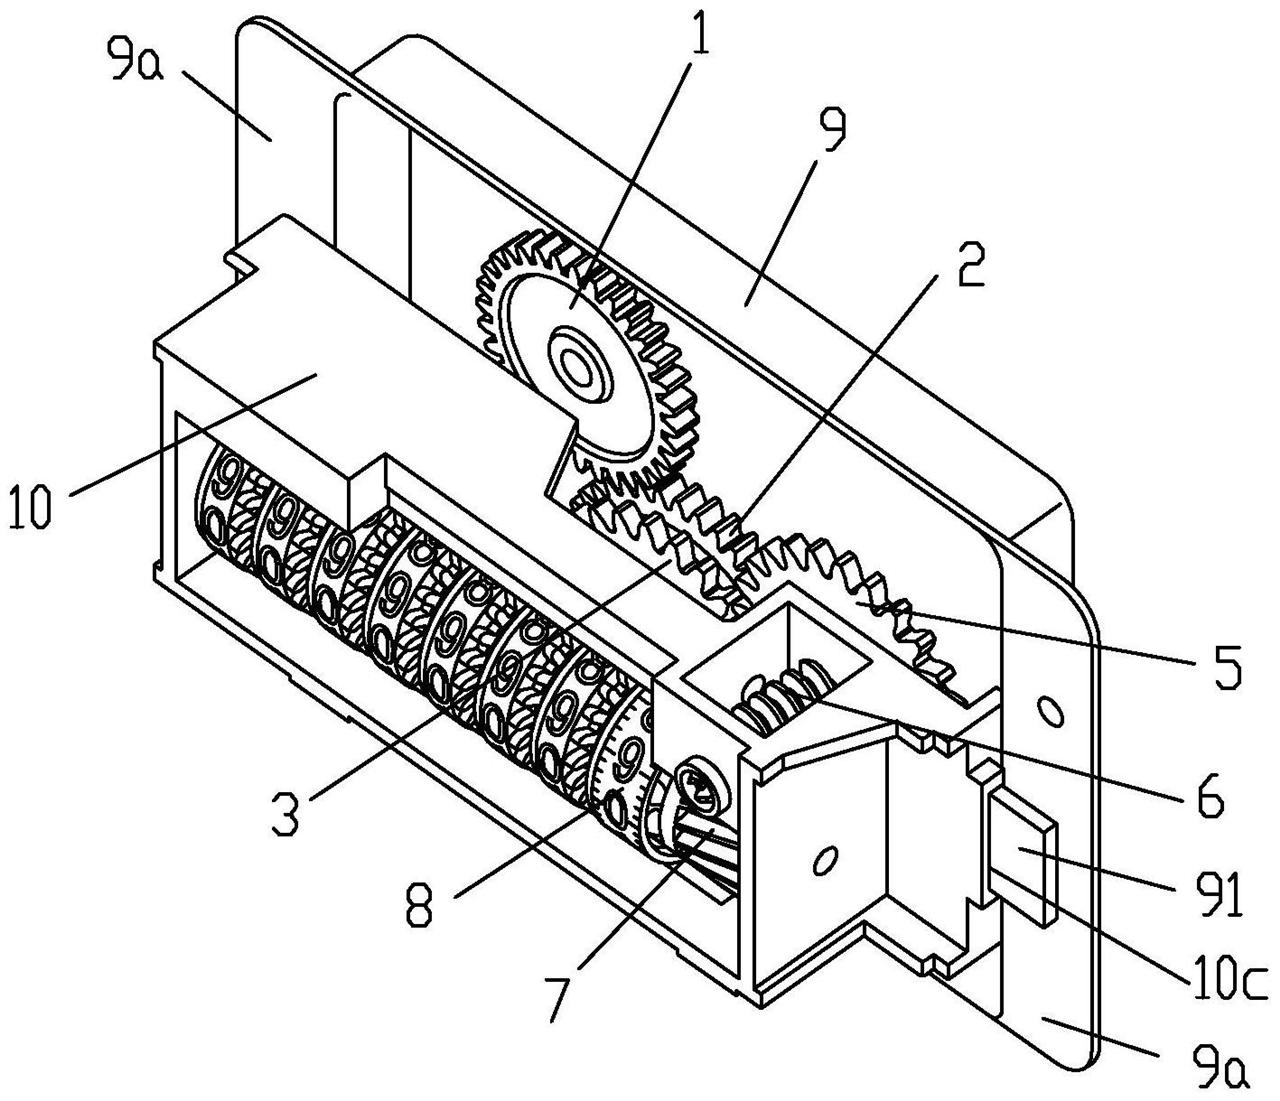 【仪表专利】计数准确且具有防拆结构的燃气表